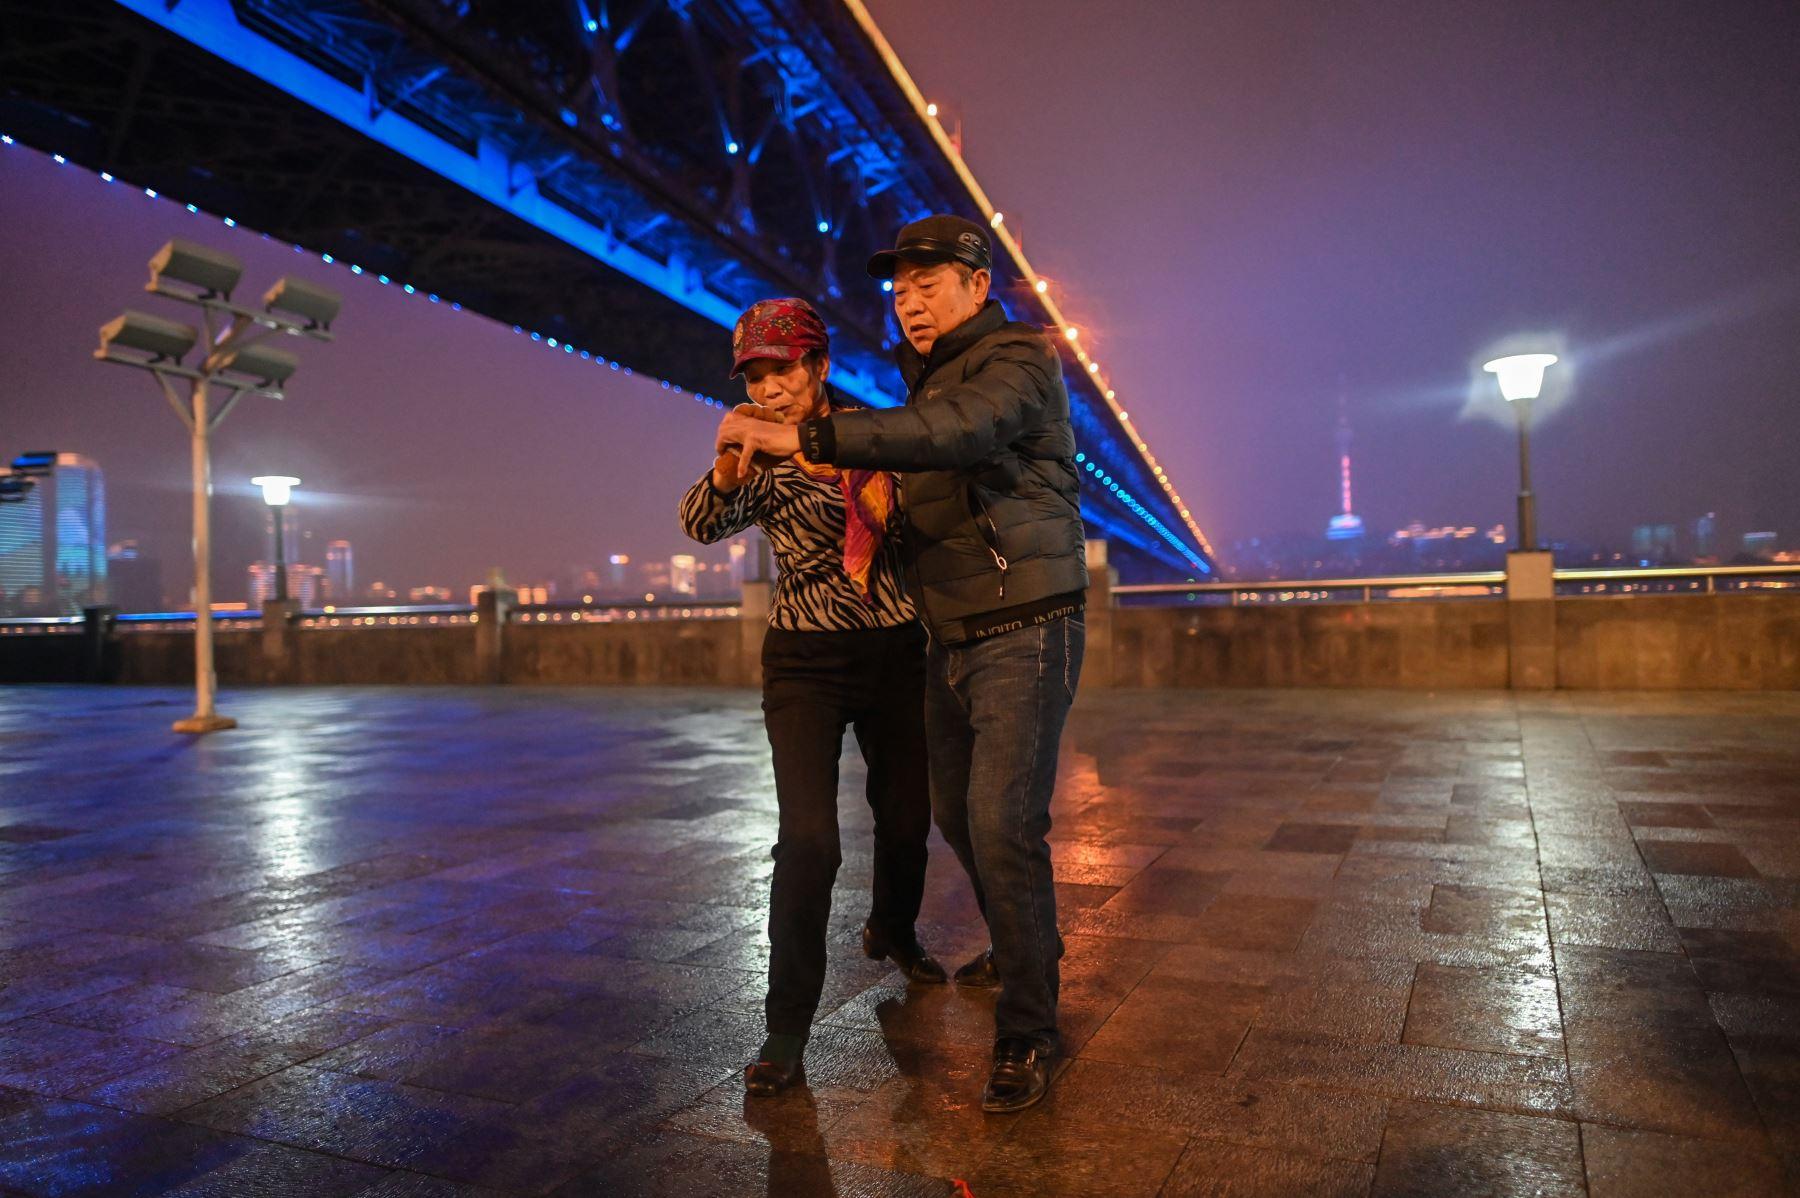 Una pareja baila junto al puente de Wuhan que cruza el río Yangtze en Wuhan, provincia de Hubei, en el centro de China. Foto: AFP